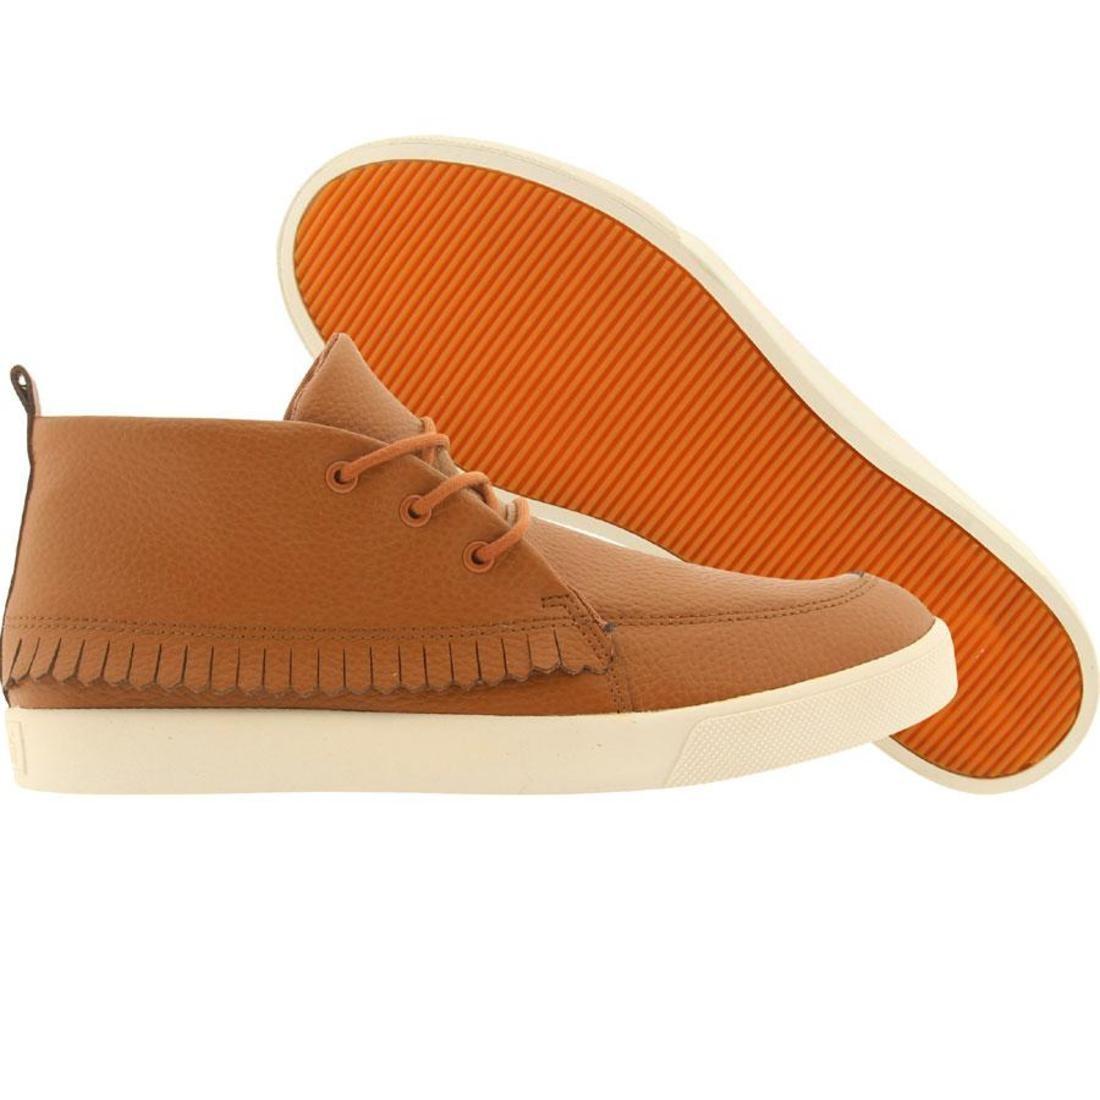 【海外限定】レザー 靴 メンズ靴 【 GENERIC SURPLUS MOHAWK LEATHER COGNAC 】